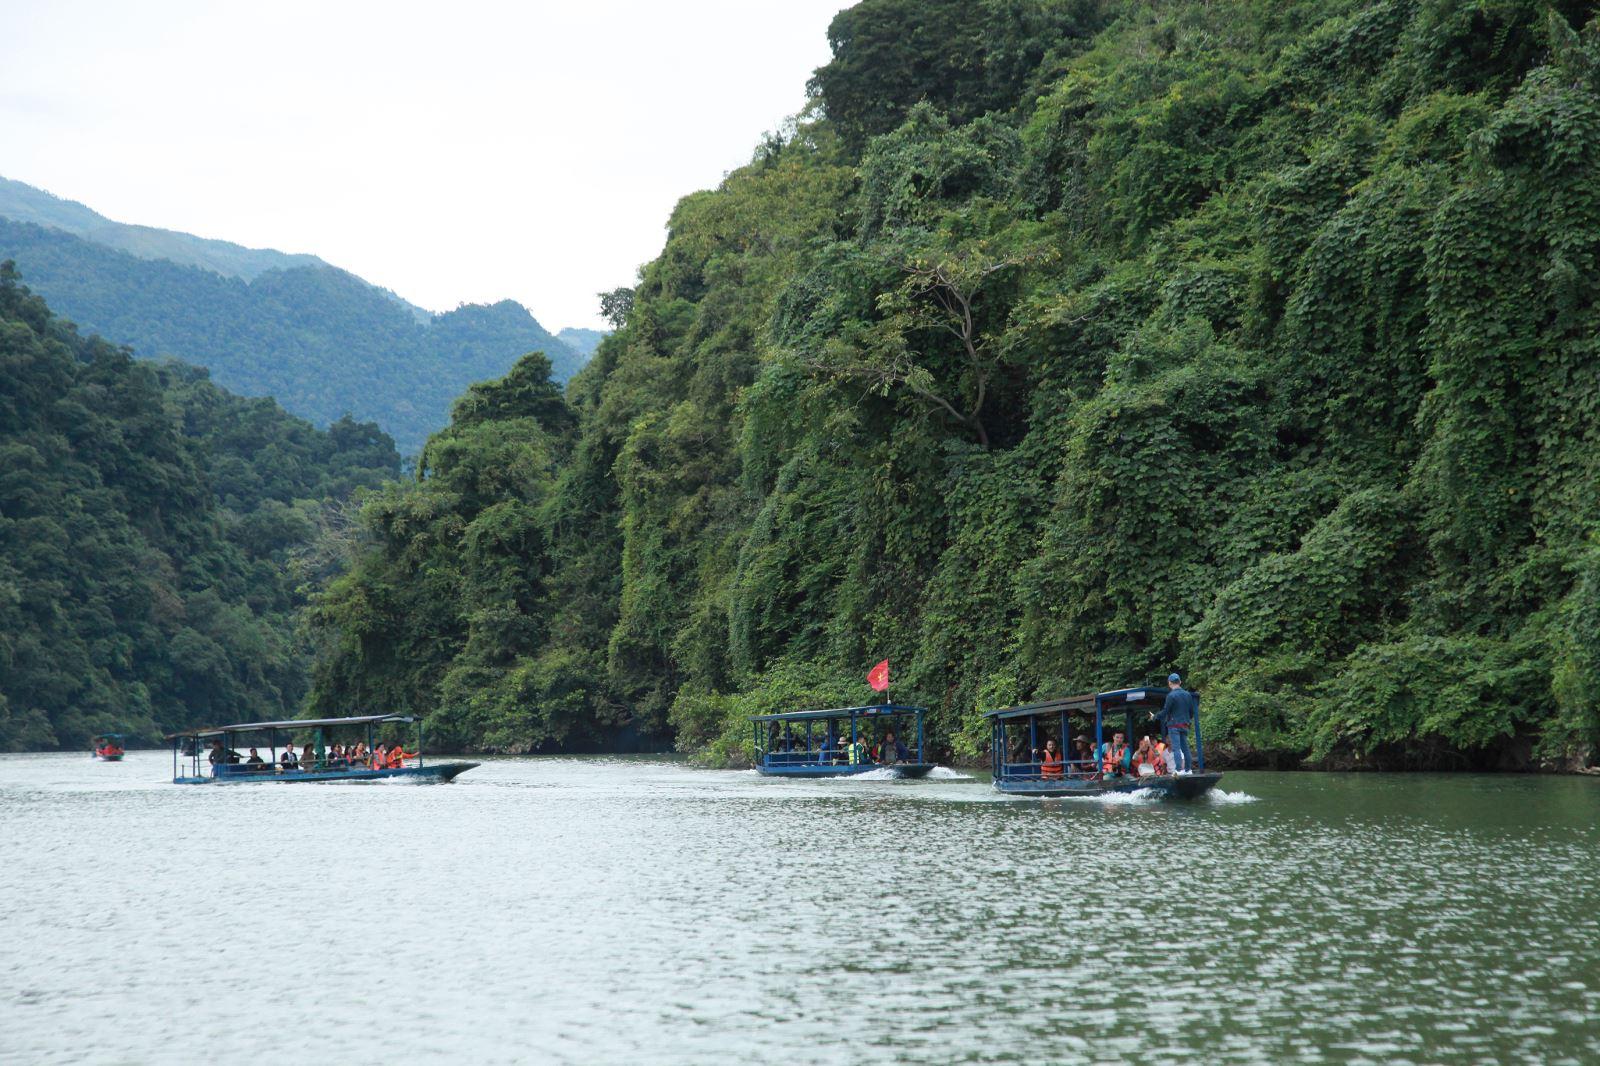 khu du lịch sinh thái